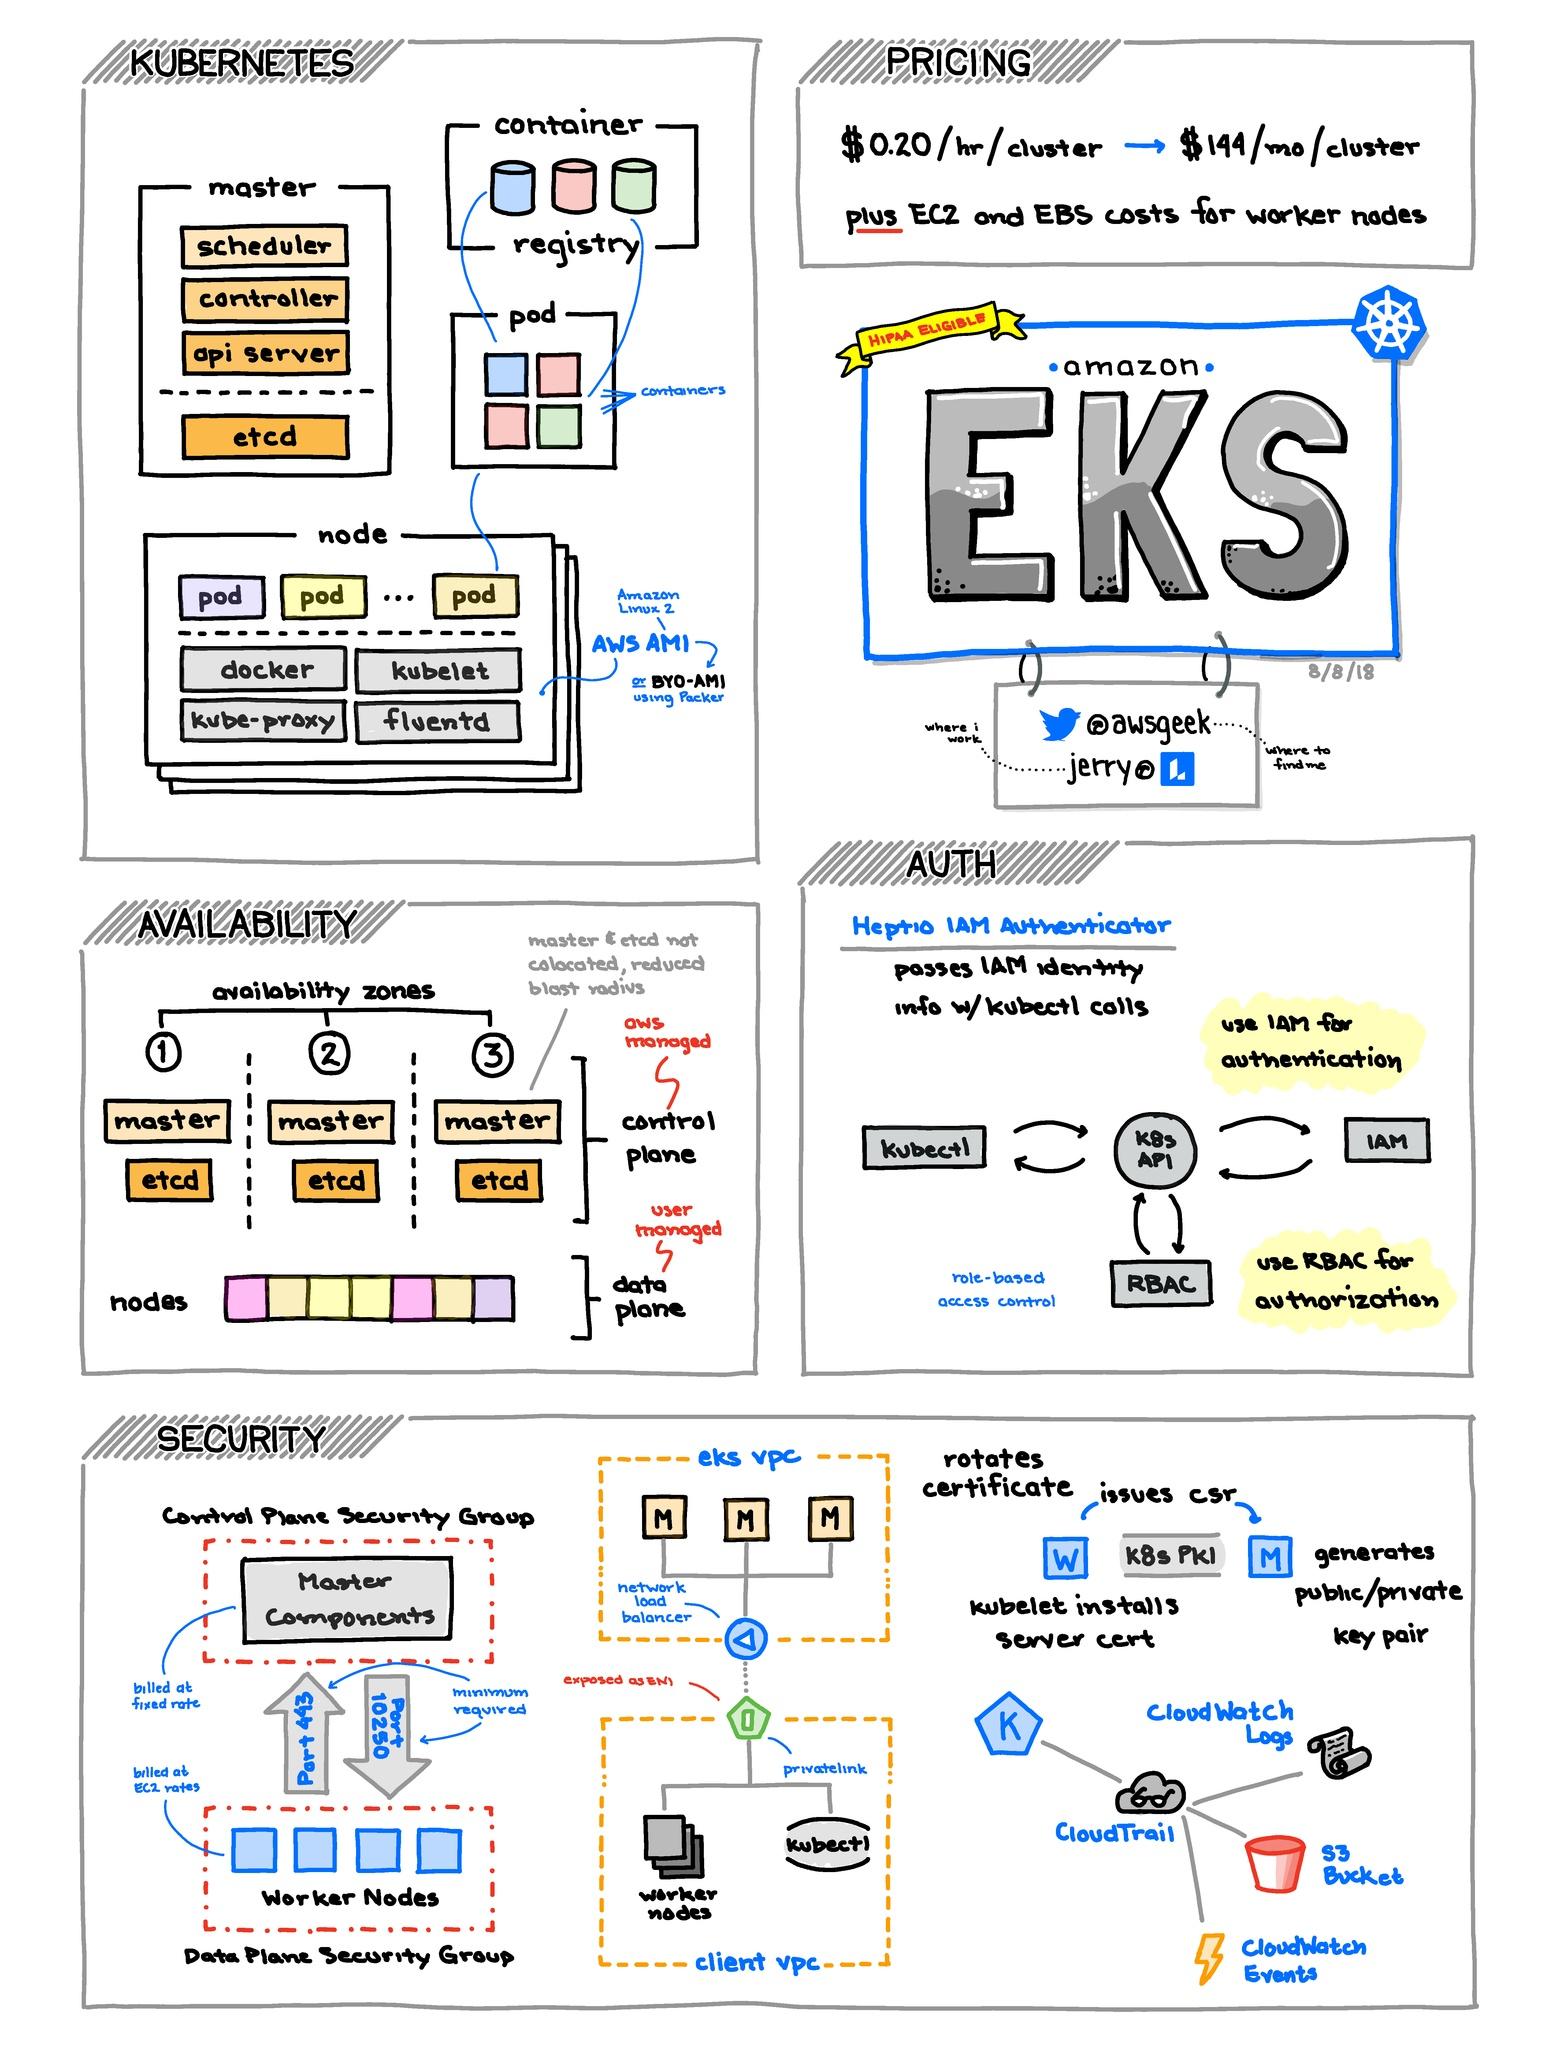 Amazon-EKS.jpg